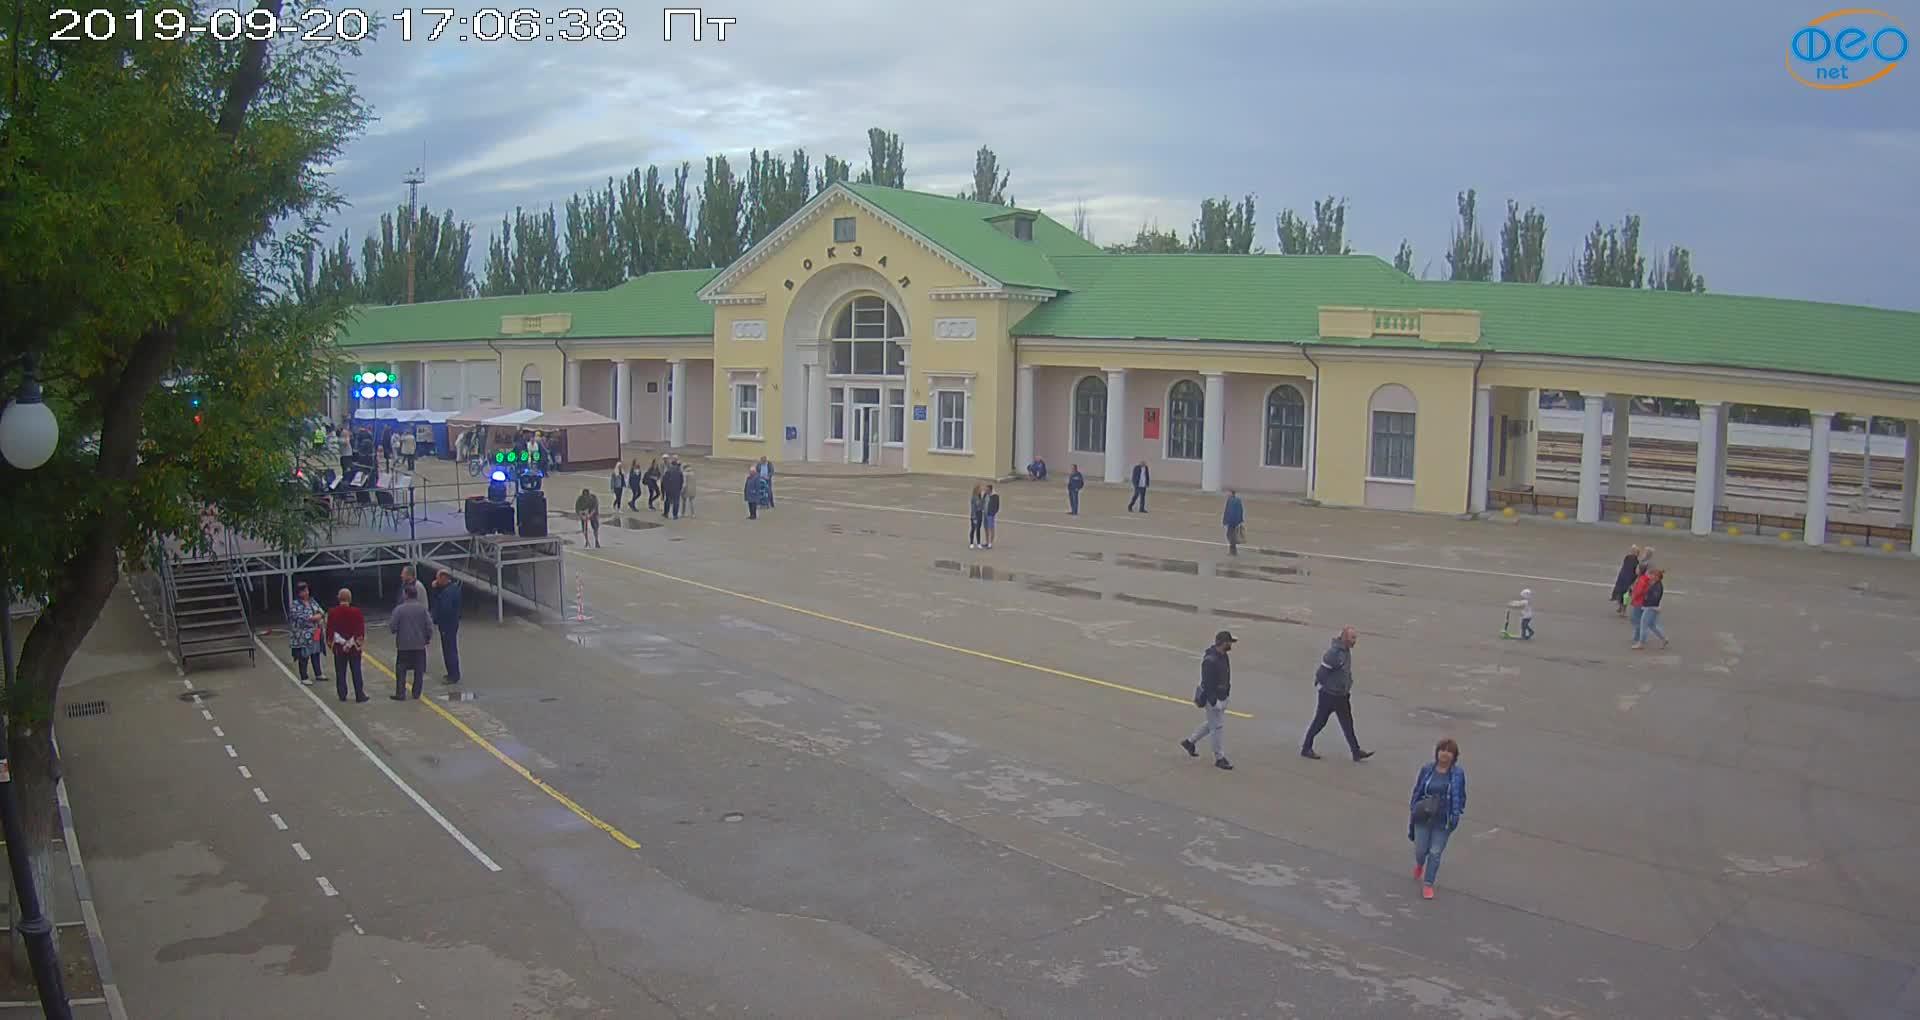 Веб-камеры Феодосии, Привокзальная площадь, 2019-09-20 17:23:09